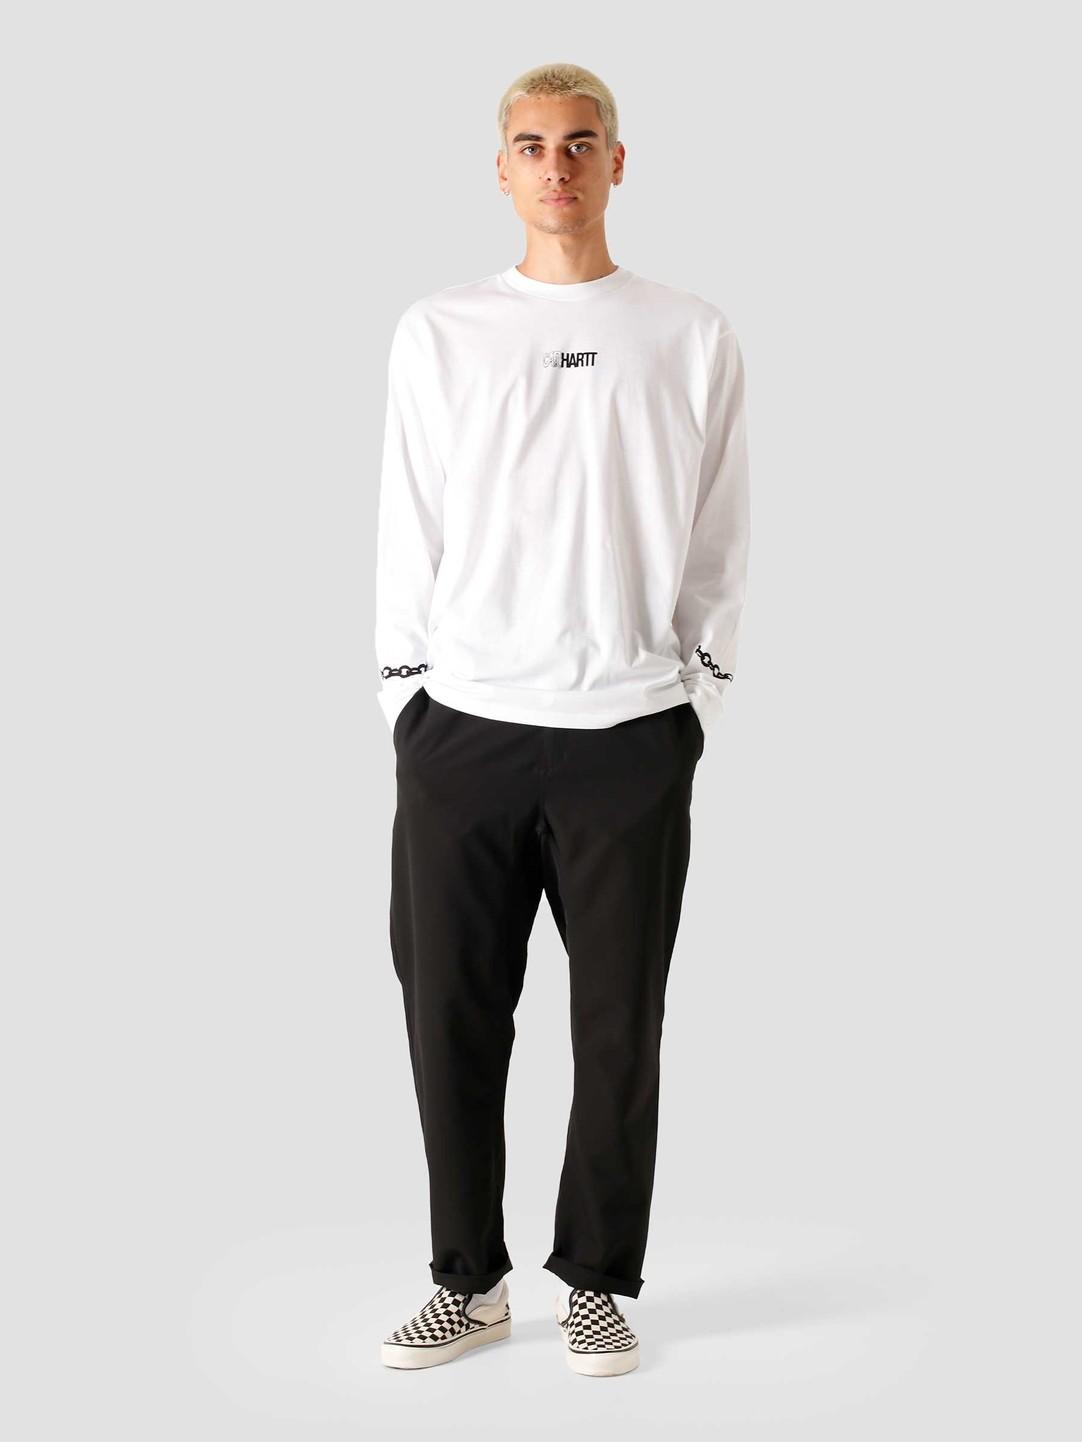 Carhartt WIP Carhartt WIP Longsleeve Twisted Truth T-Shirt White I028501-200